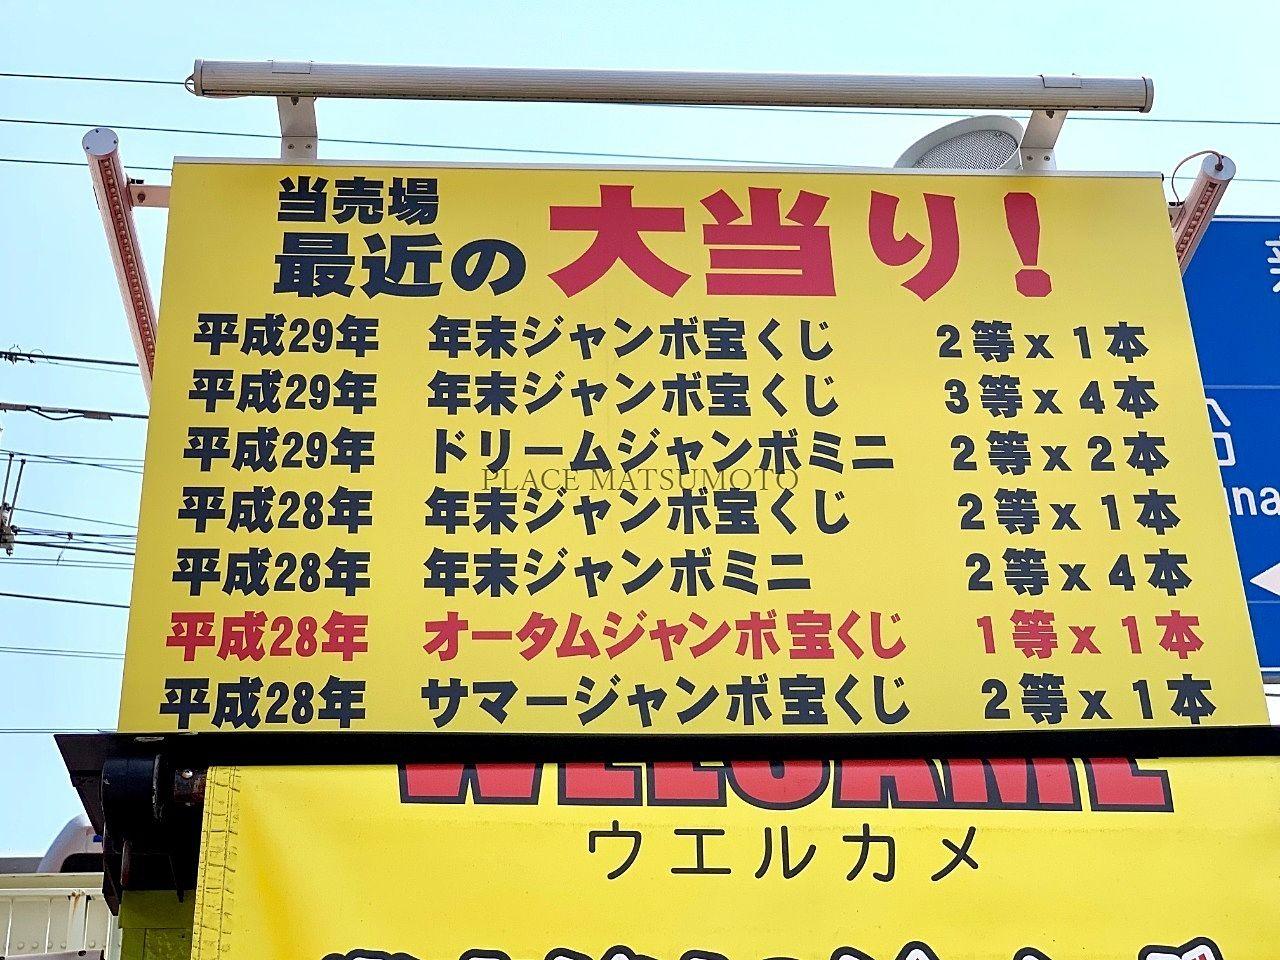 大当たり 宝くじ亀戸駅前北口売場の実績看板